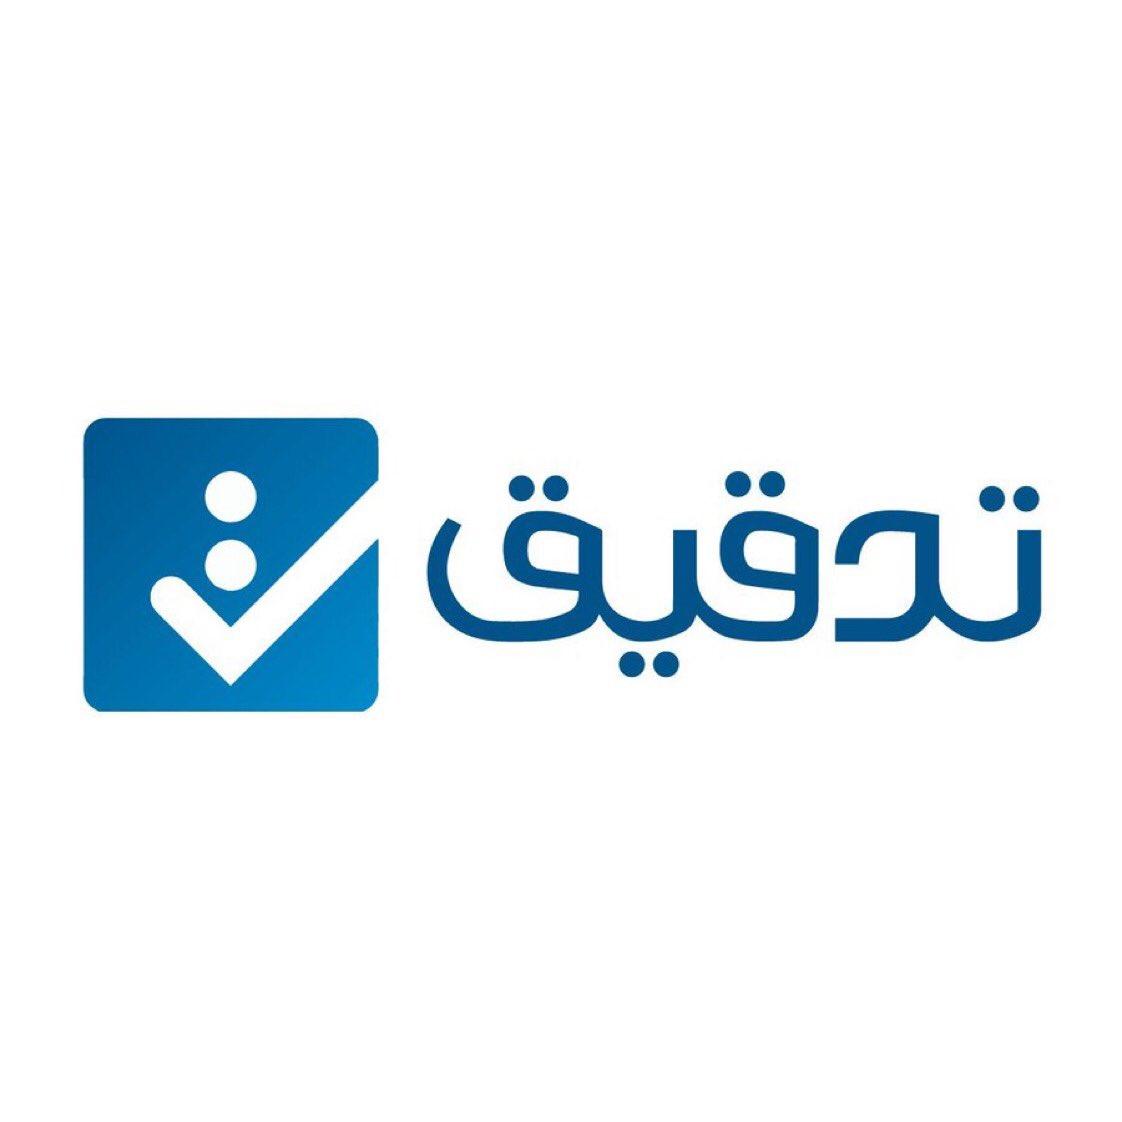 """""""تدقيق"""" يوفر لك محاسبيين قانونيين يعملون حسب نشاطك التجاري. http://tadqiq.sa/ar #تدقيق_يساعدك"""